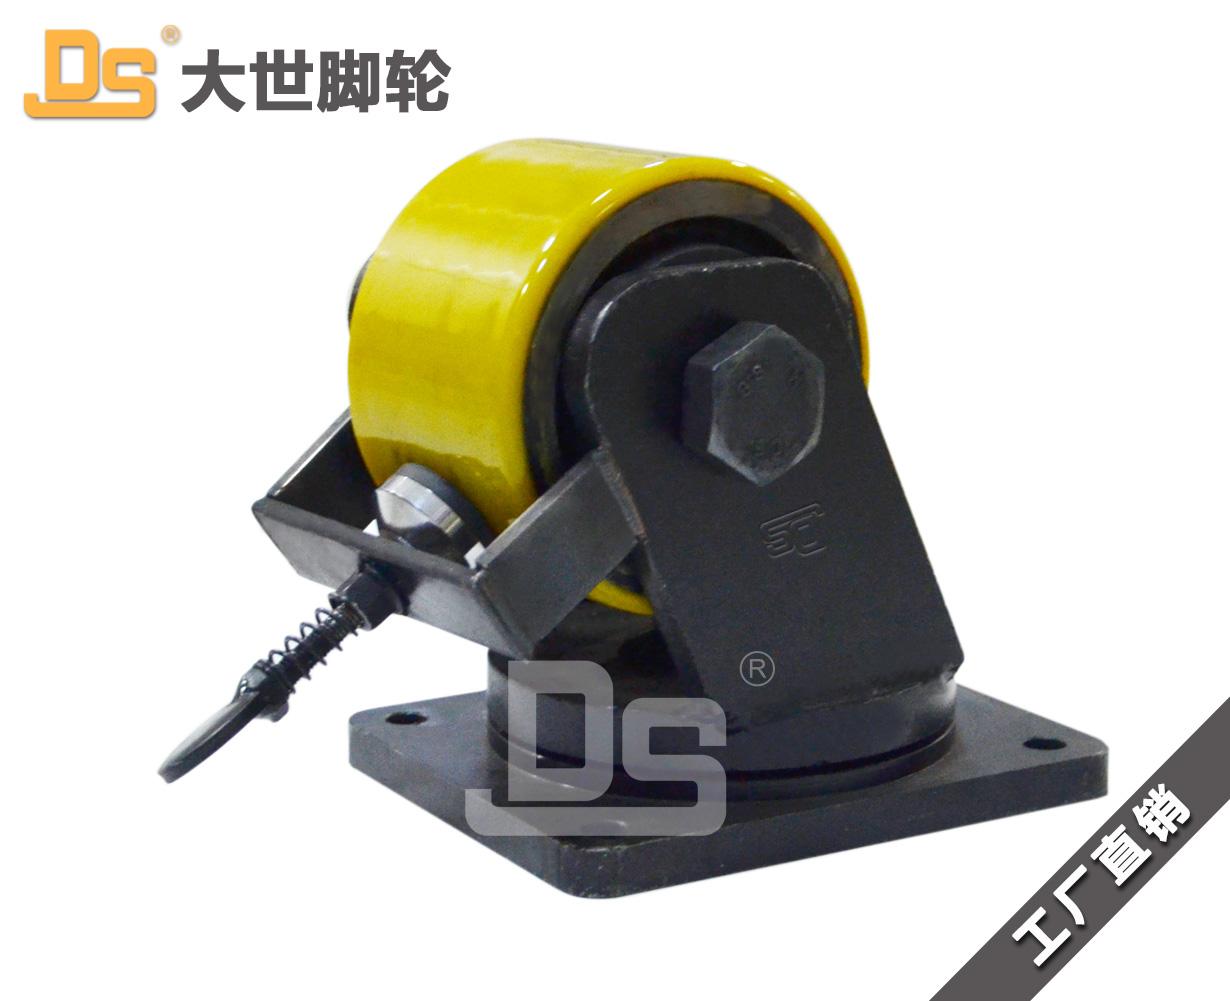 铁芯加重脚轮-青岛高质量的特重型脚轮-厂家直销